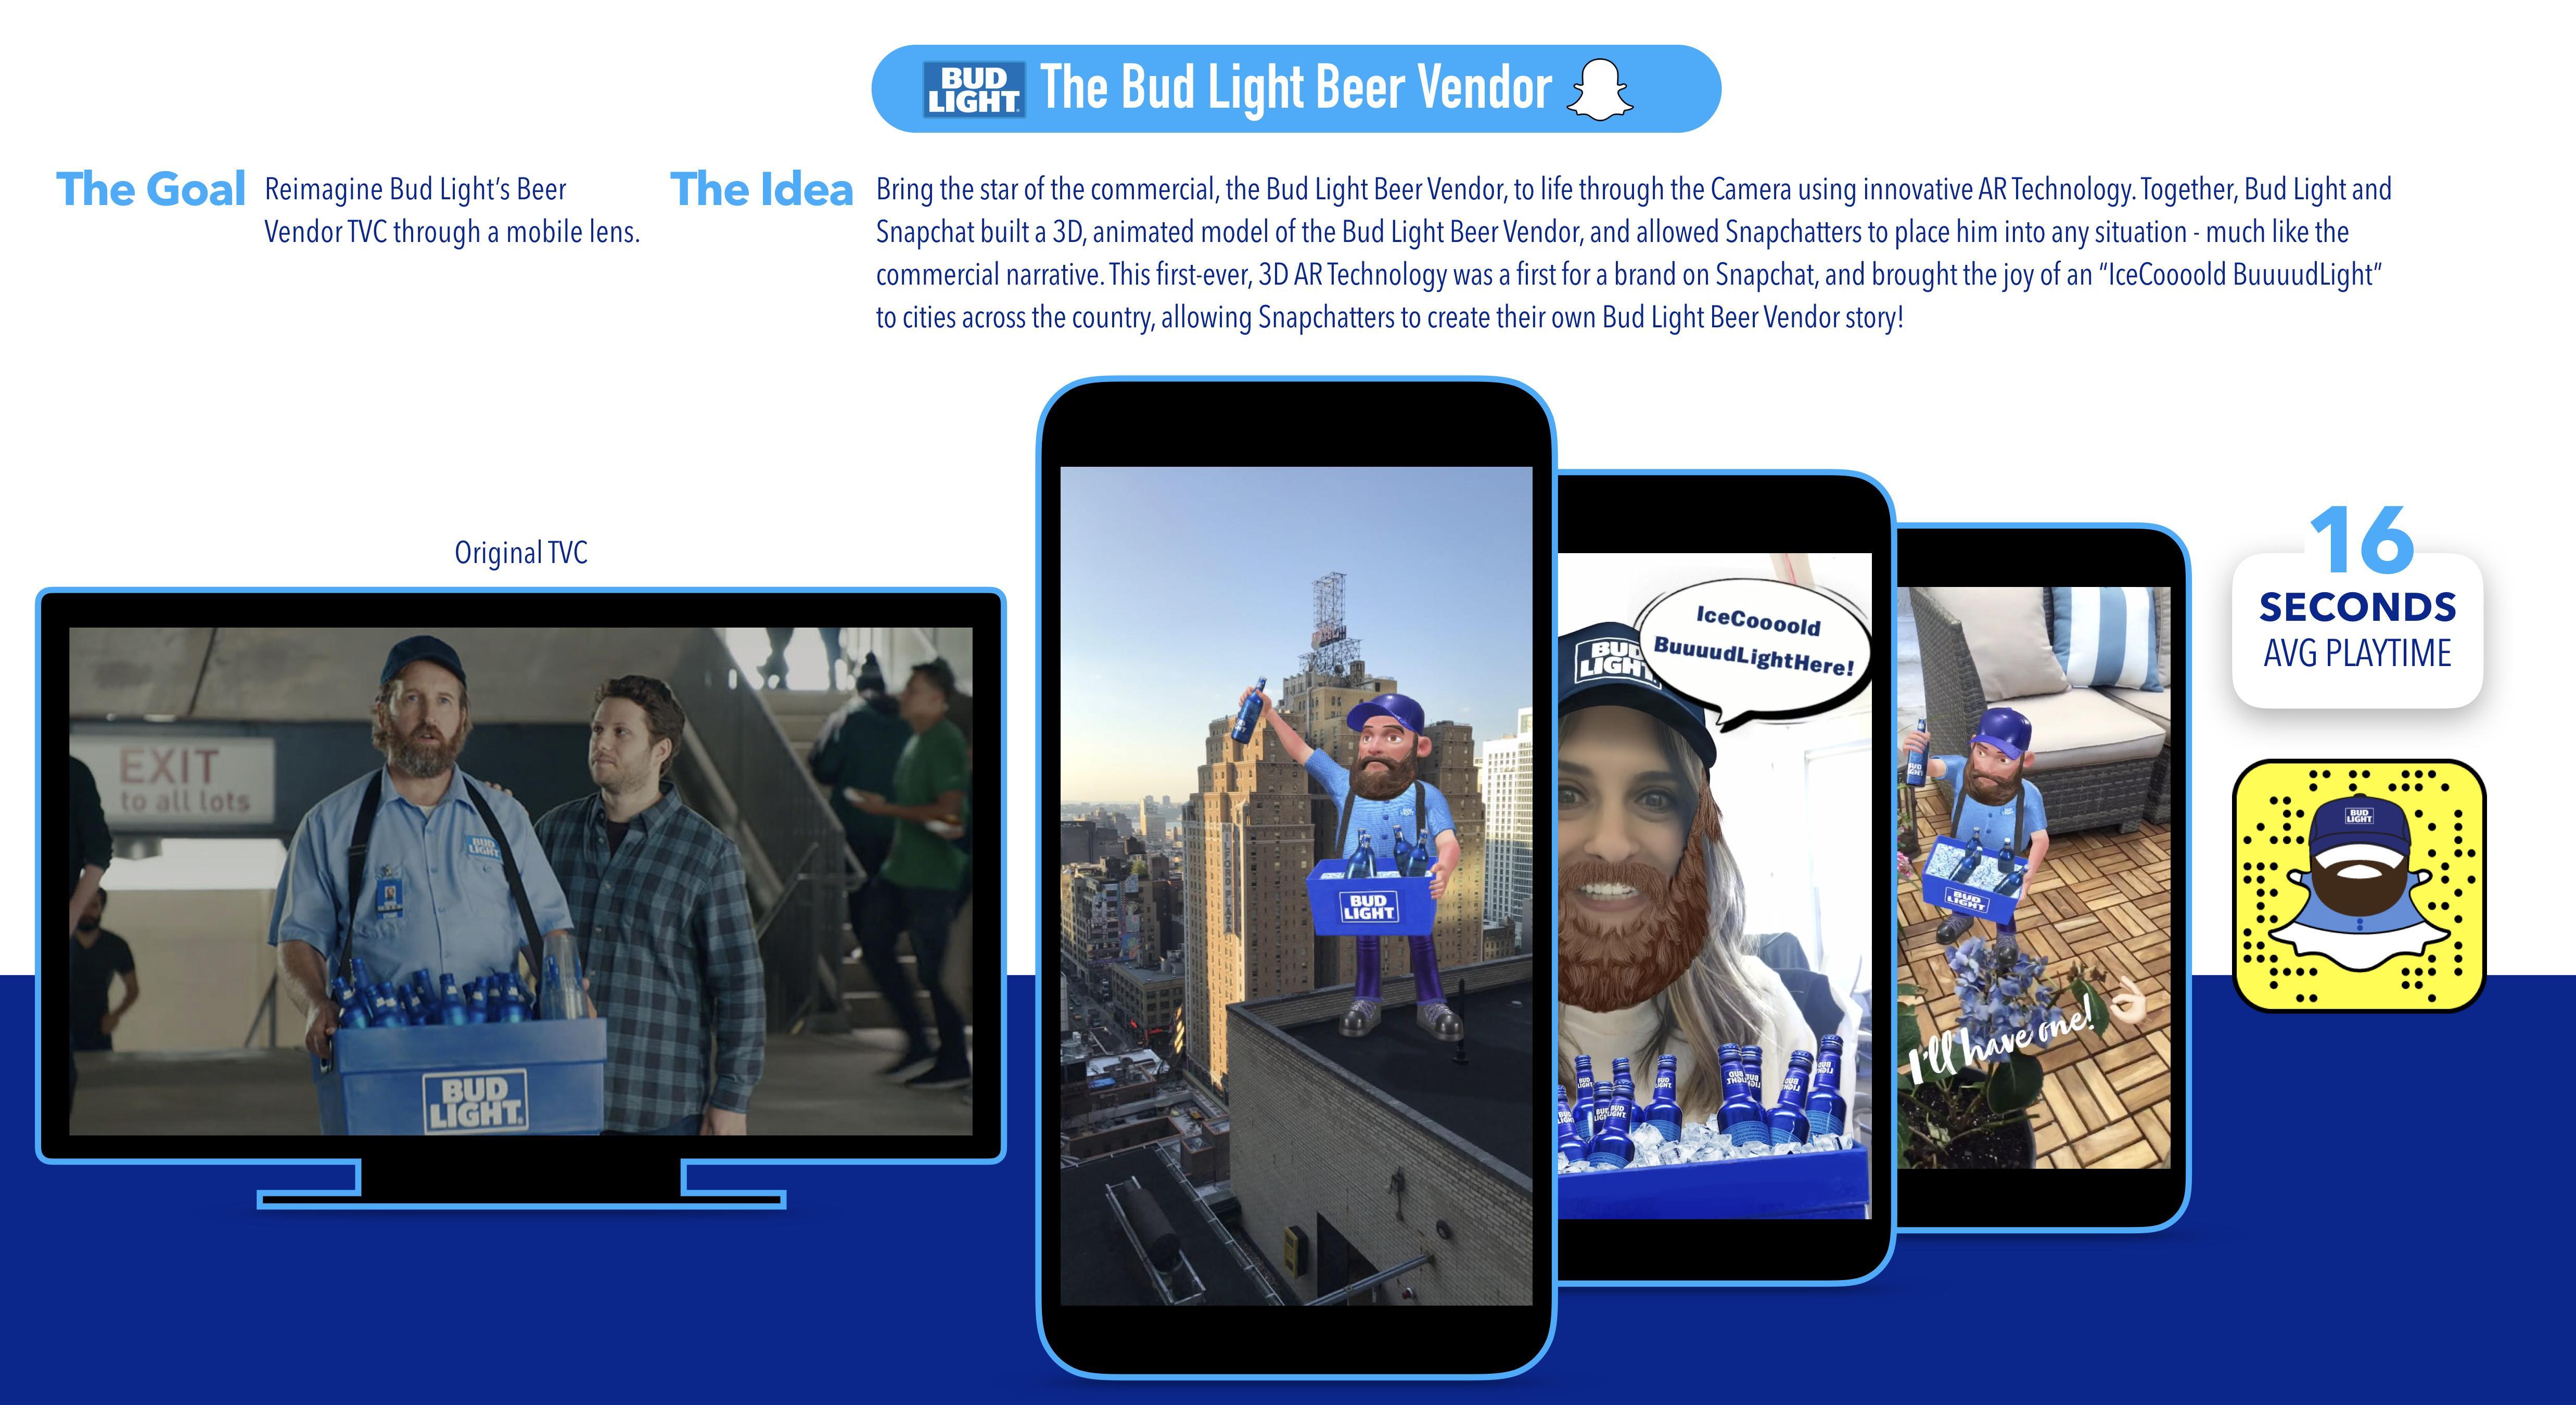 A-B InBev Digital Ad - A-B InBev - Bud Light - Beer Vendor Lens